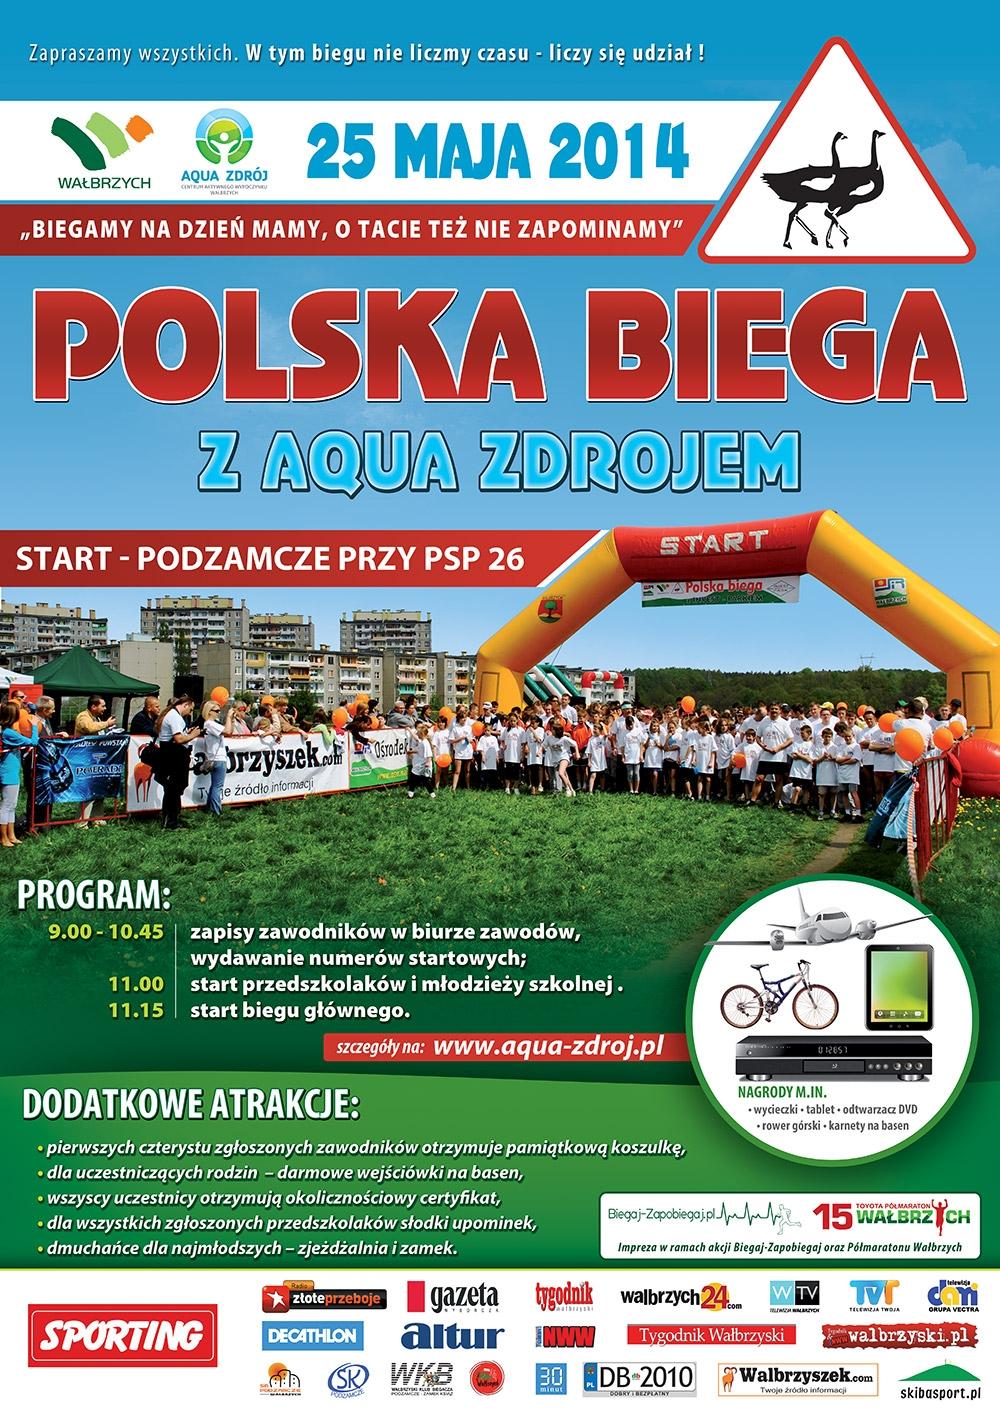 plakat-A2 polska biega